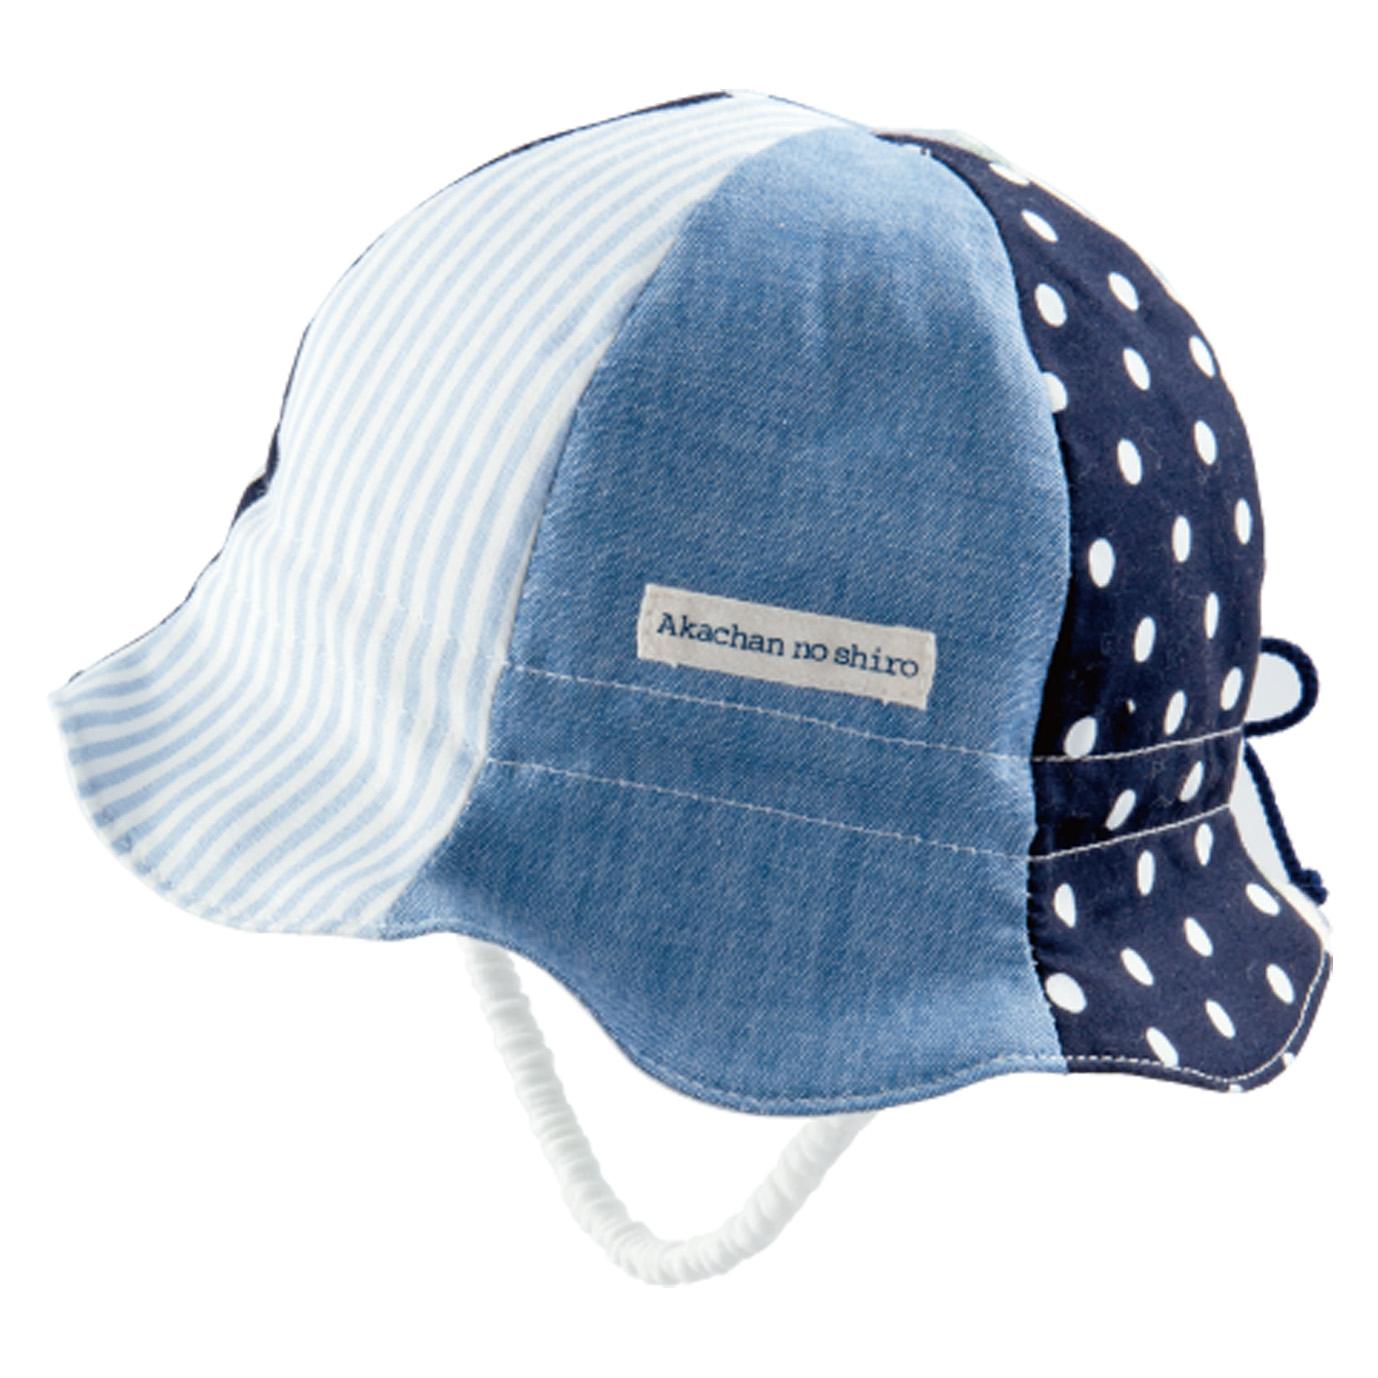 水玉ダンガリー / 帽子